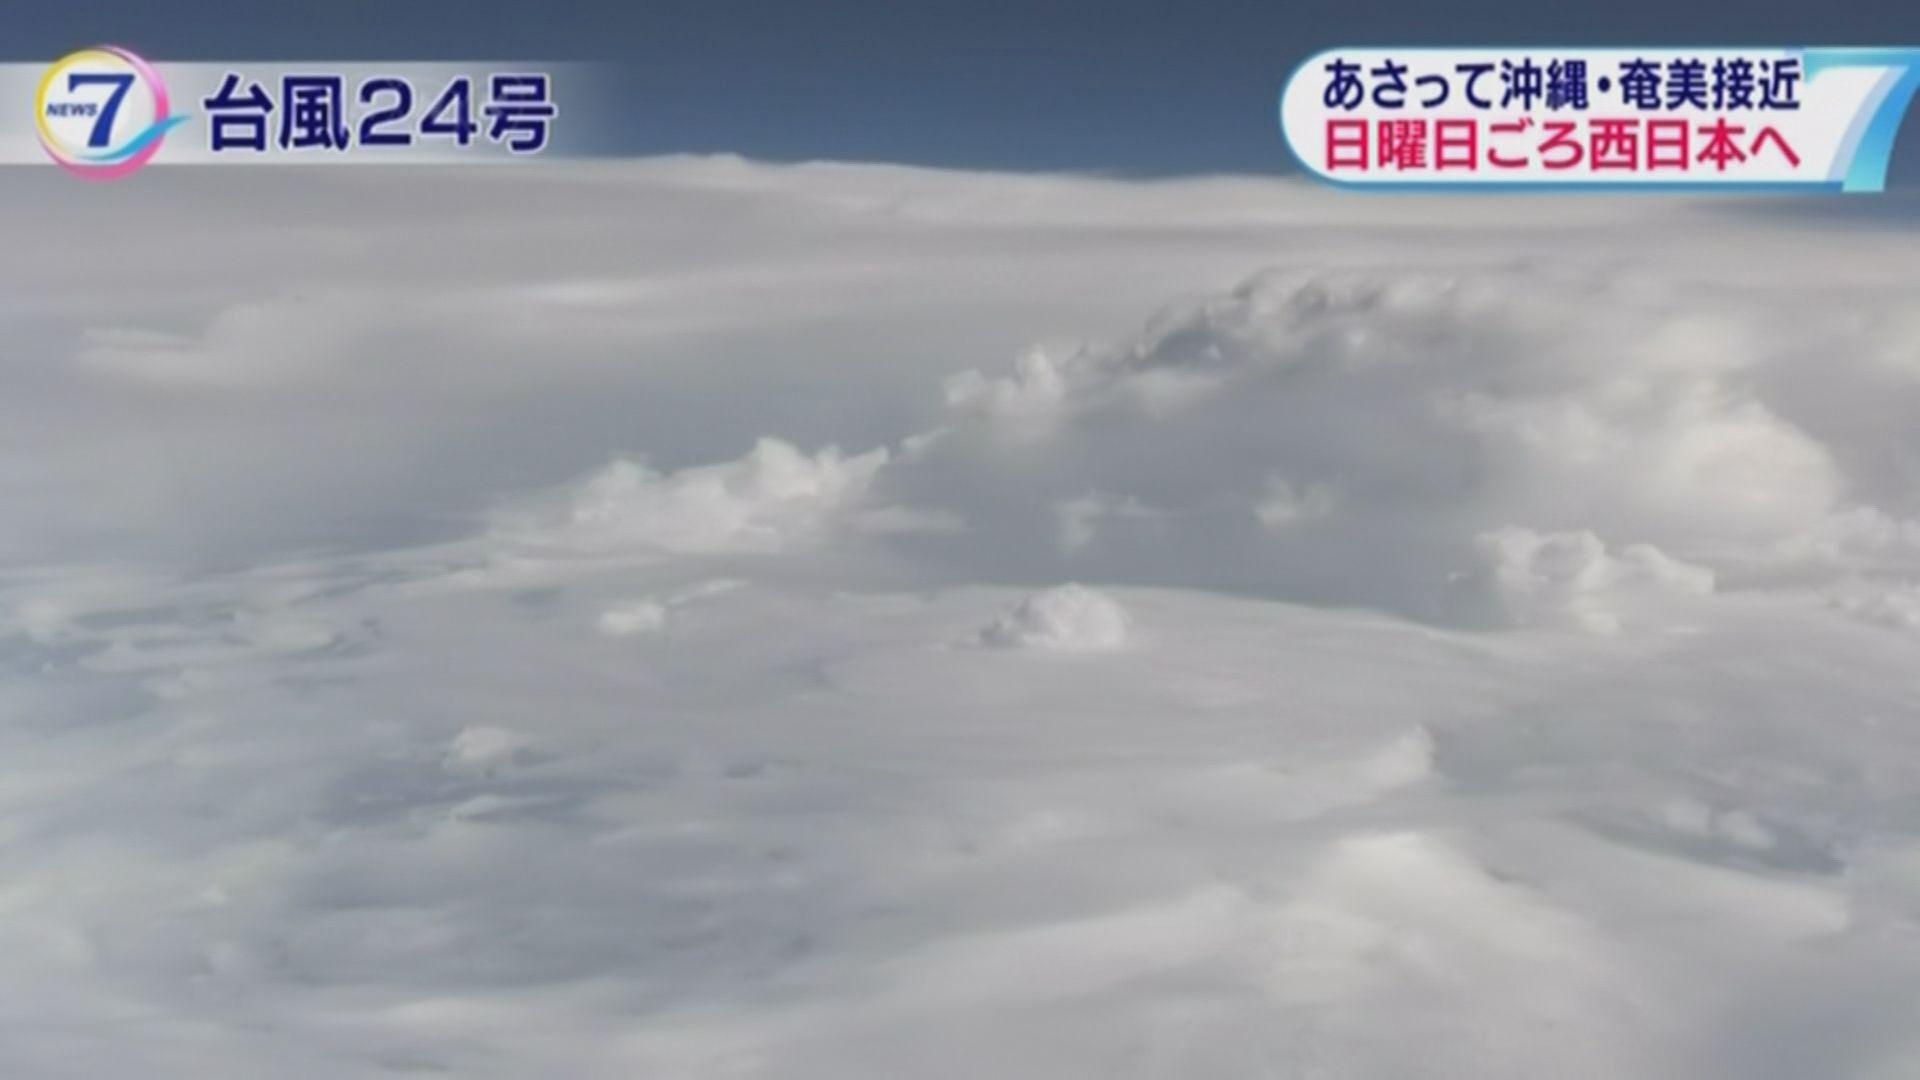 潭美預料周六登陸沖繩